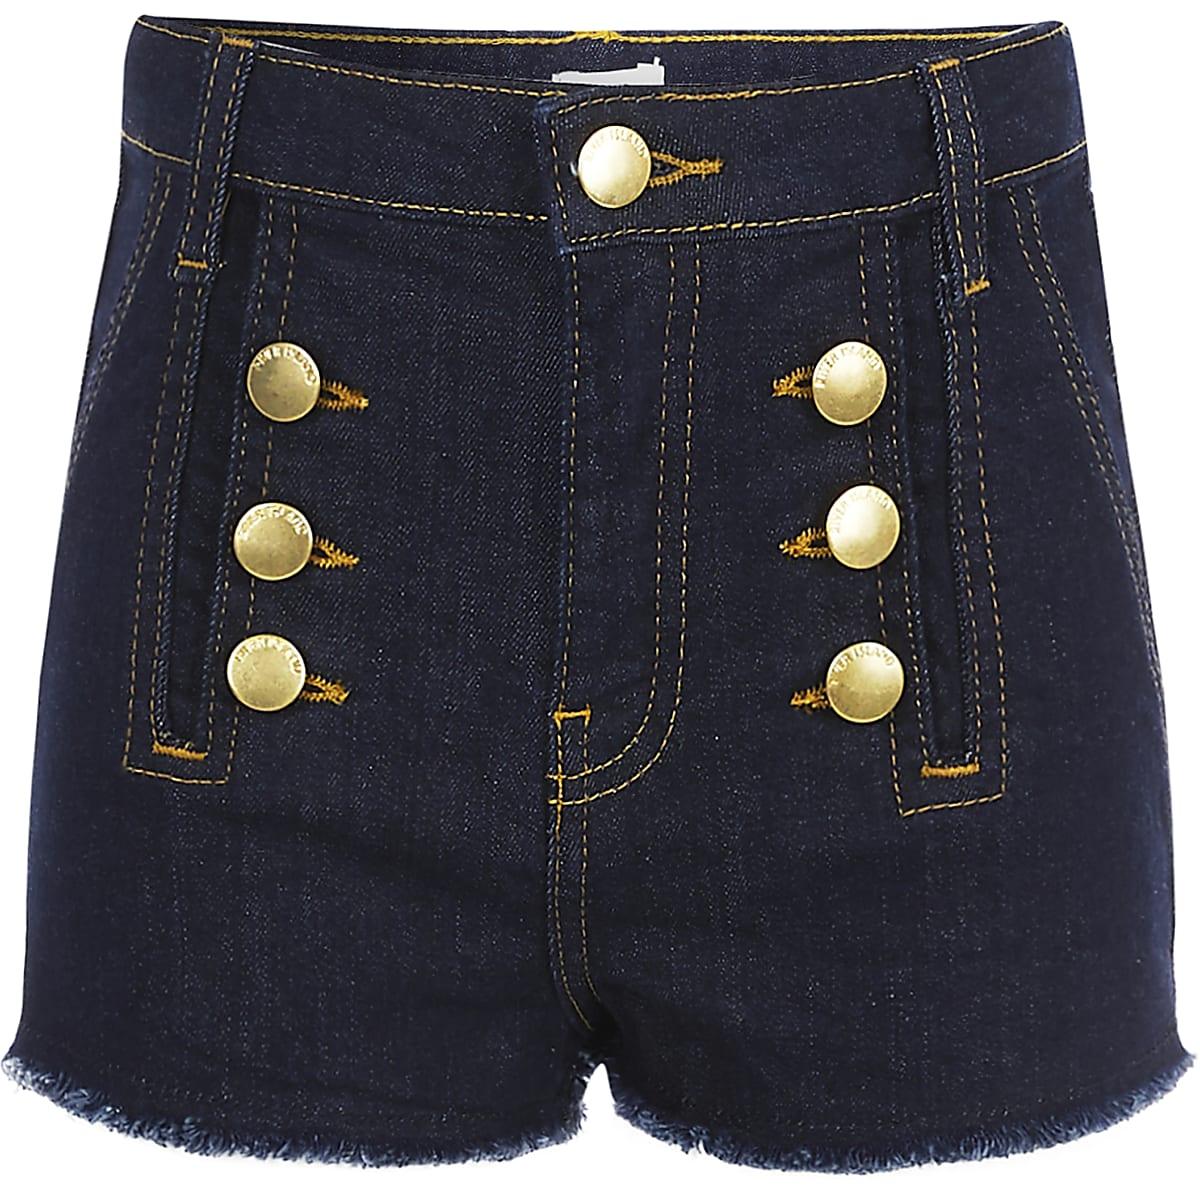 Girls dark blue button denim shorts